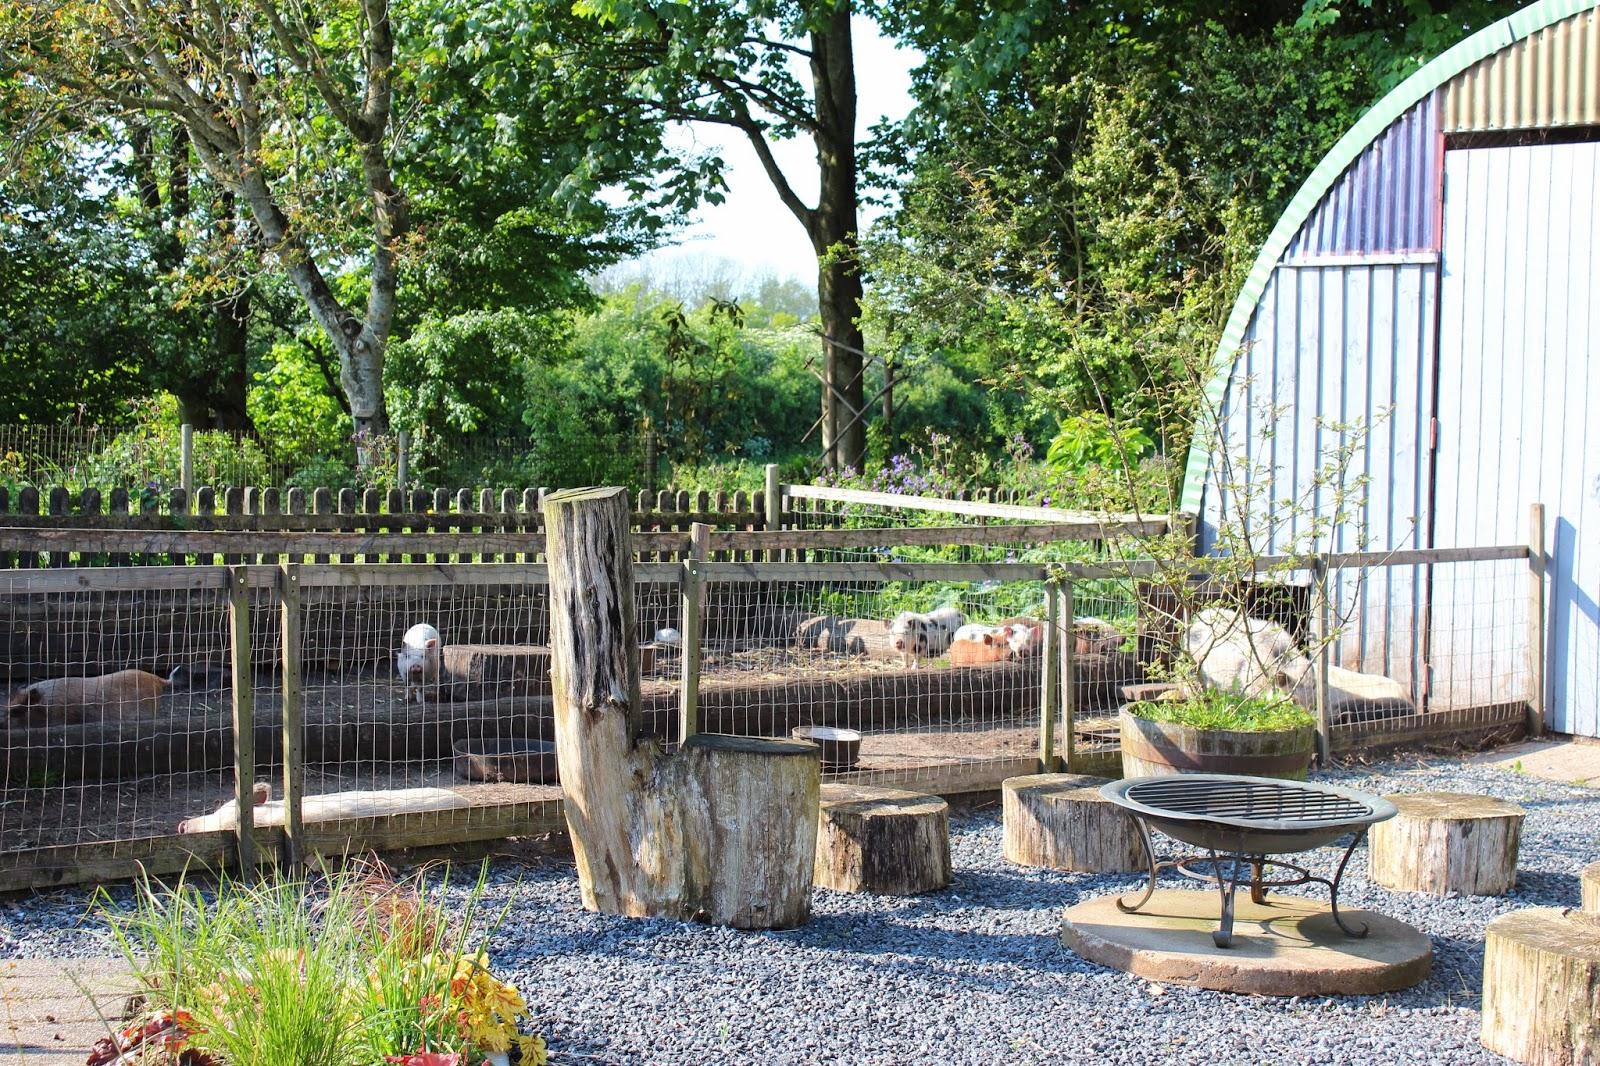 Anettesflora: velkommen til blomstertøsens have i bording, første del